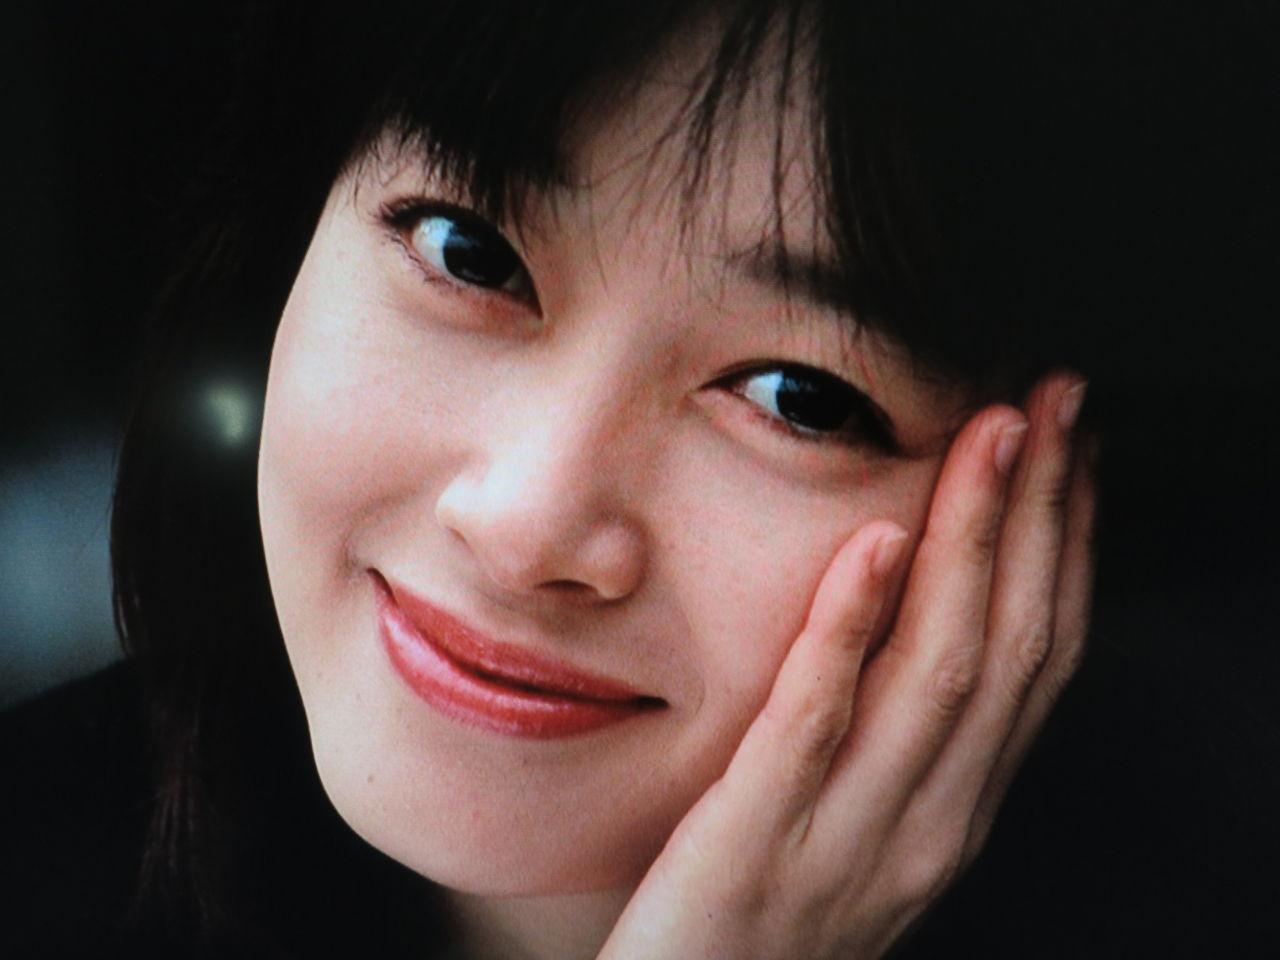 【画像大量】早世の美女、誰もが愛した夏目雅子の在りし日の姿…のサムネイル画像